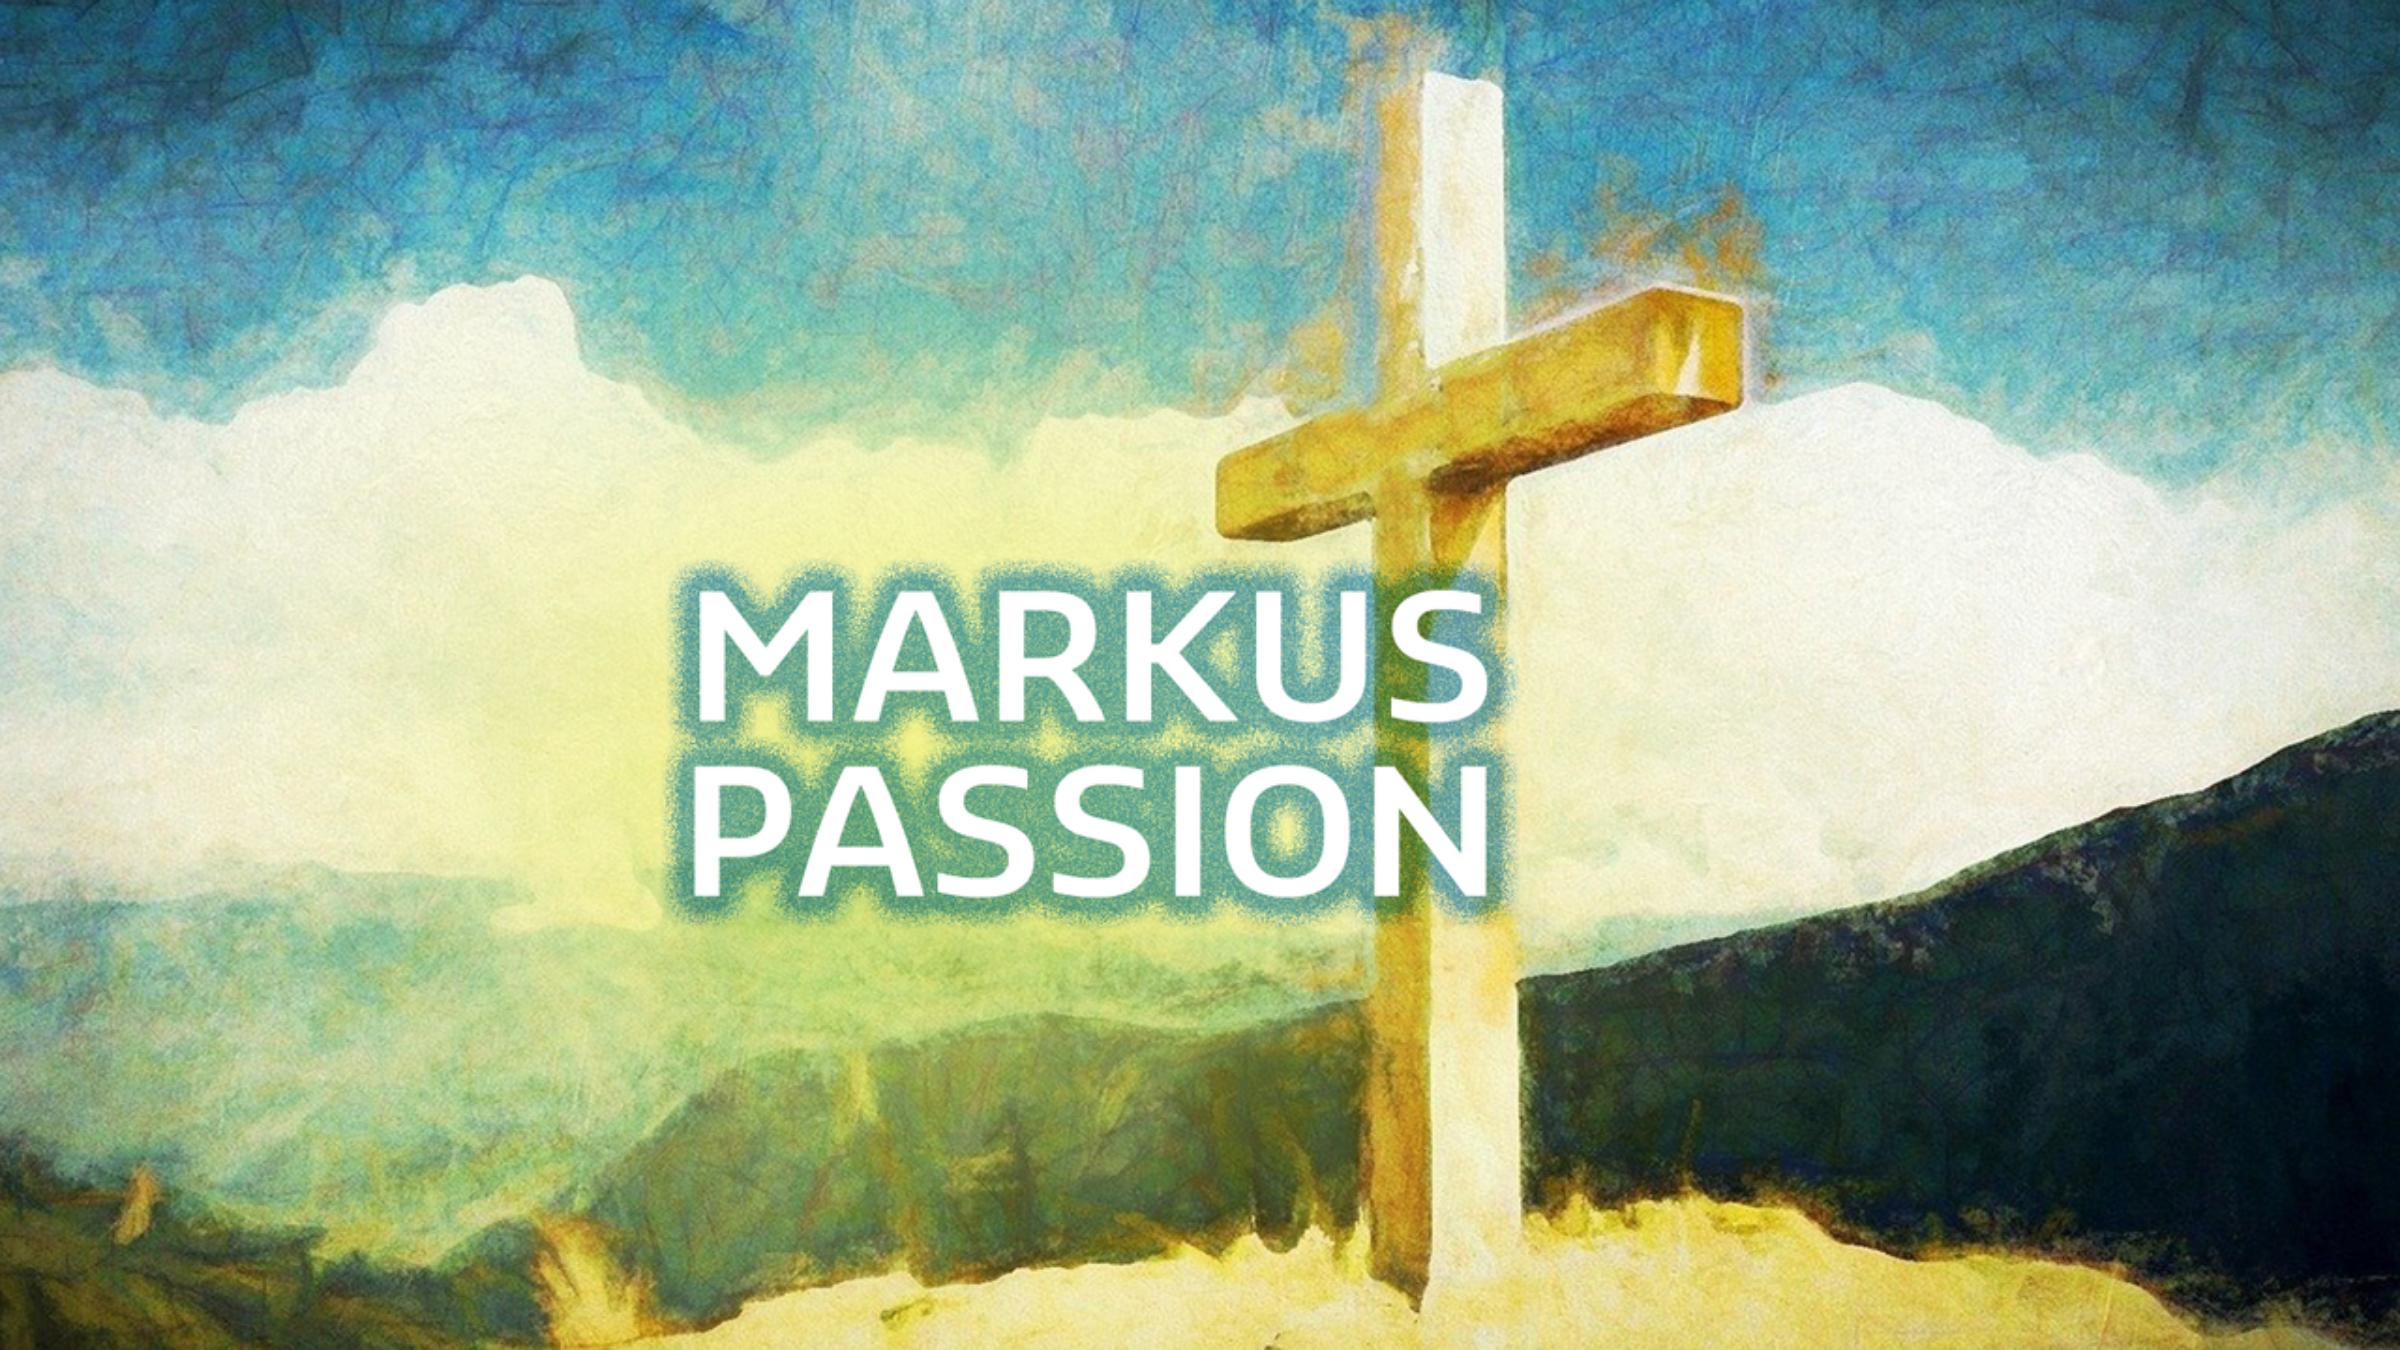 Markus Passion